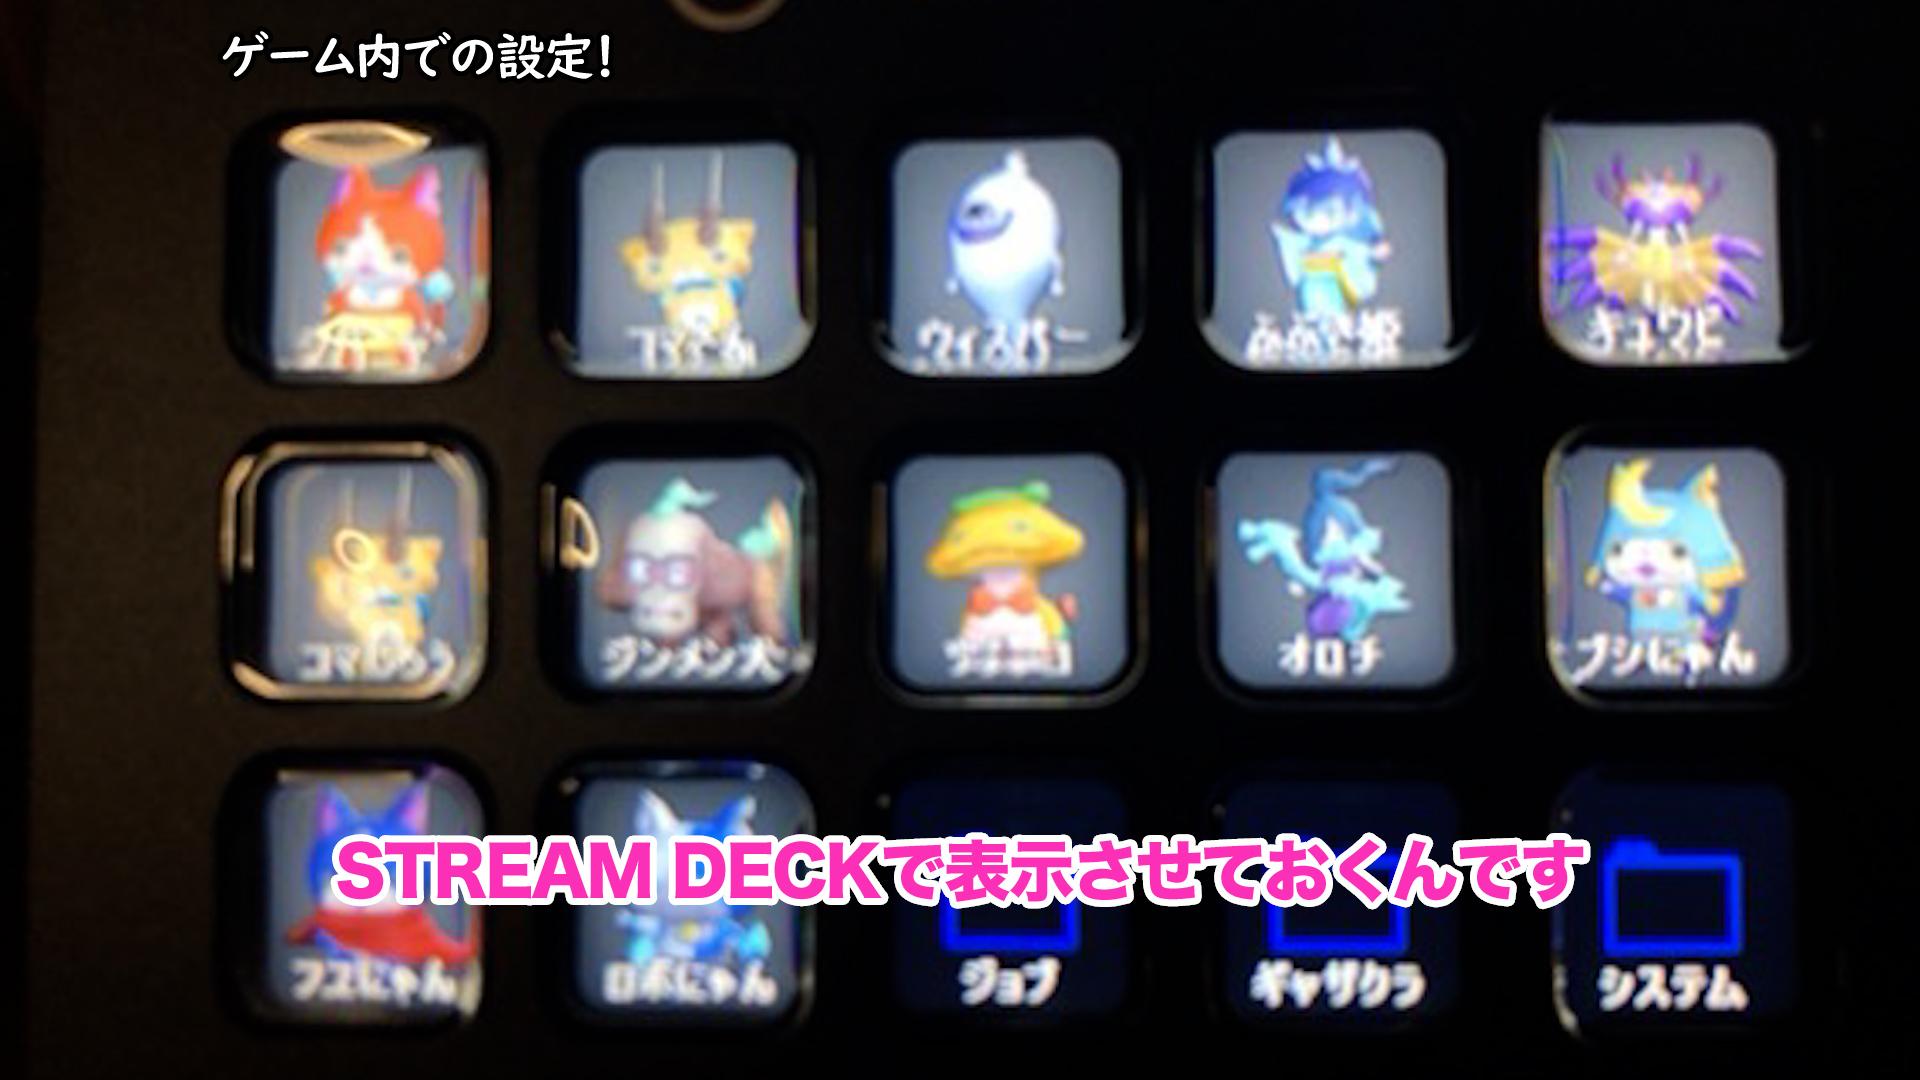 stream deck アプリ起動